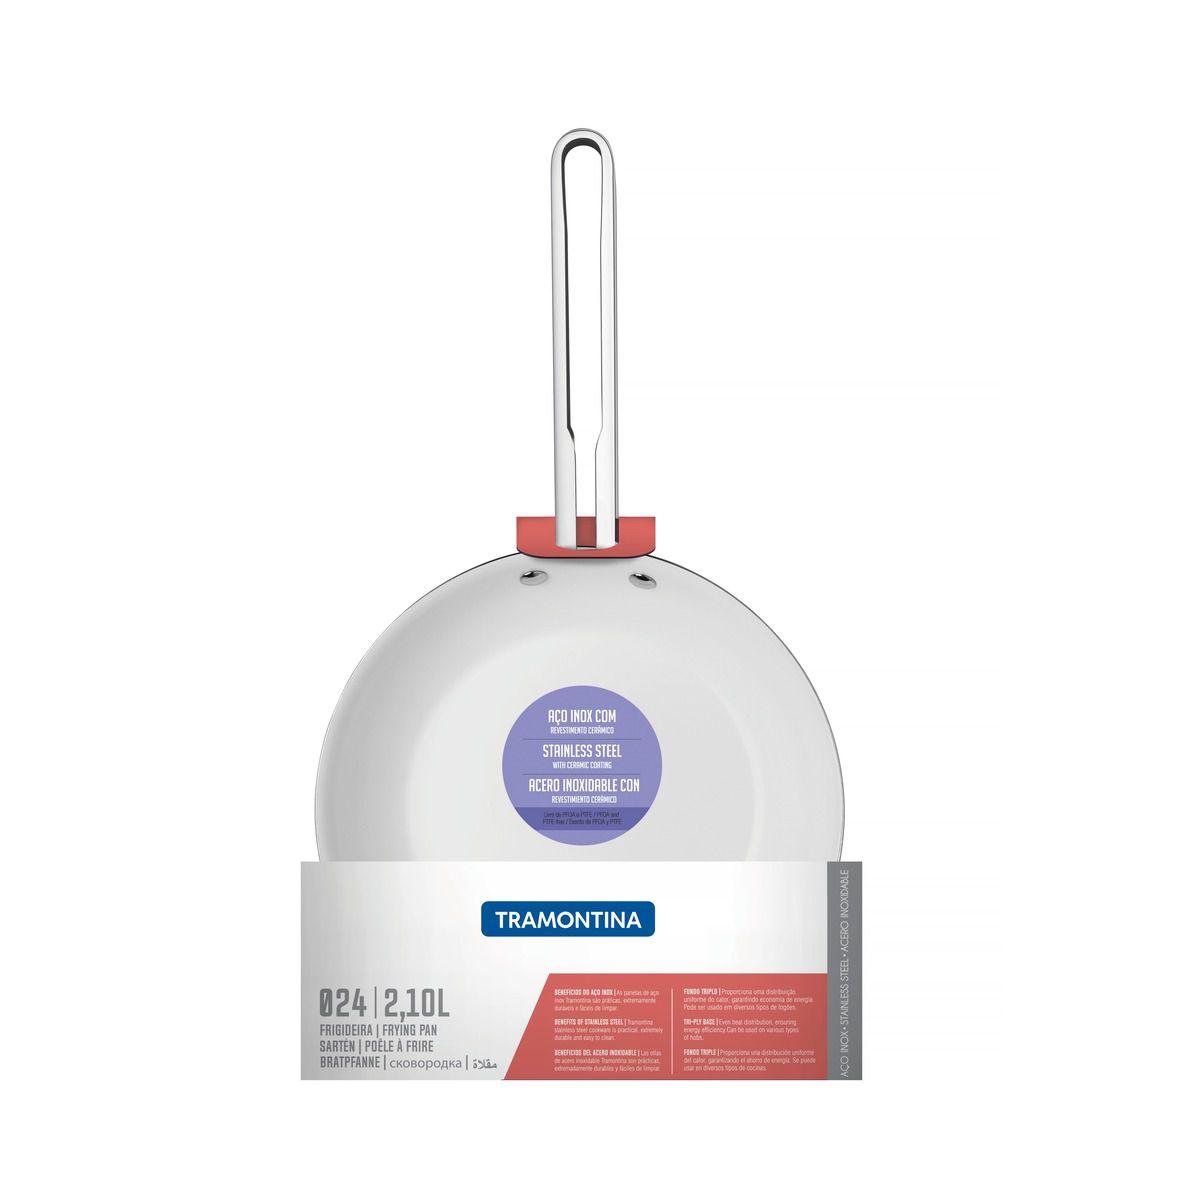 Frigideira Tramontina Ventura em Aço Inox com Revestimento Interno Cerâmico 24 cm 2,1 L 62376/244 | Lojas Estrela